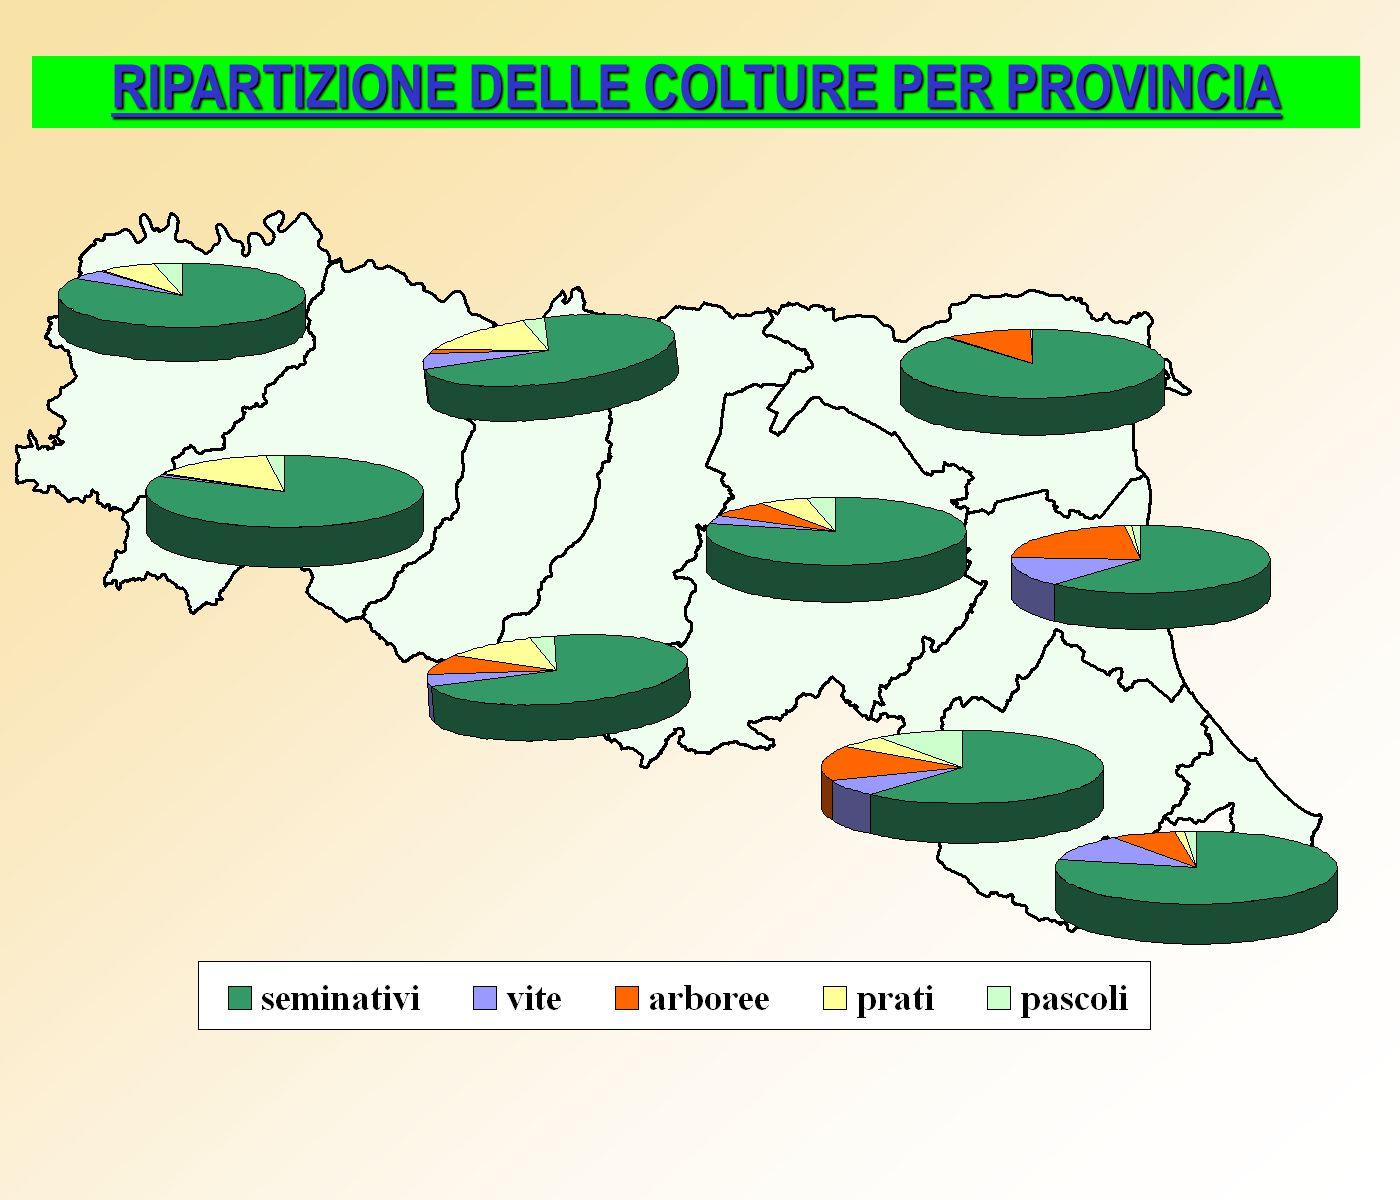 RIPARTIZIONE DELLE COLTURE PER PROVINCIA